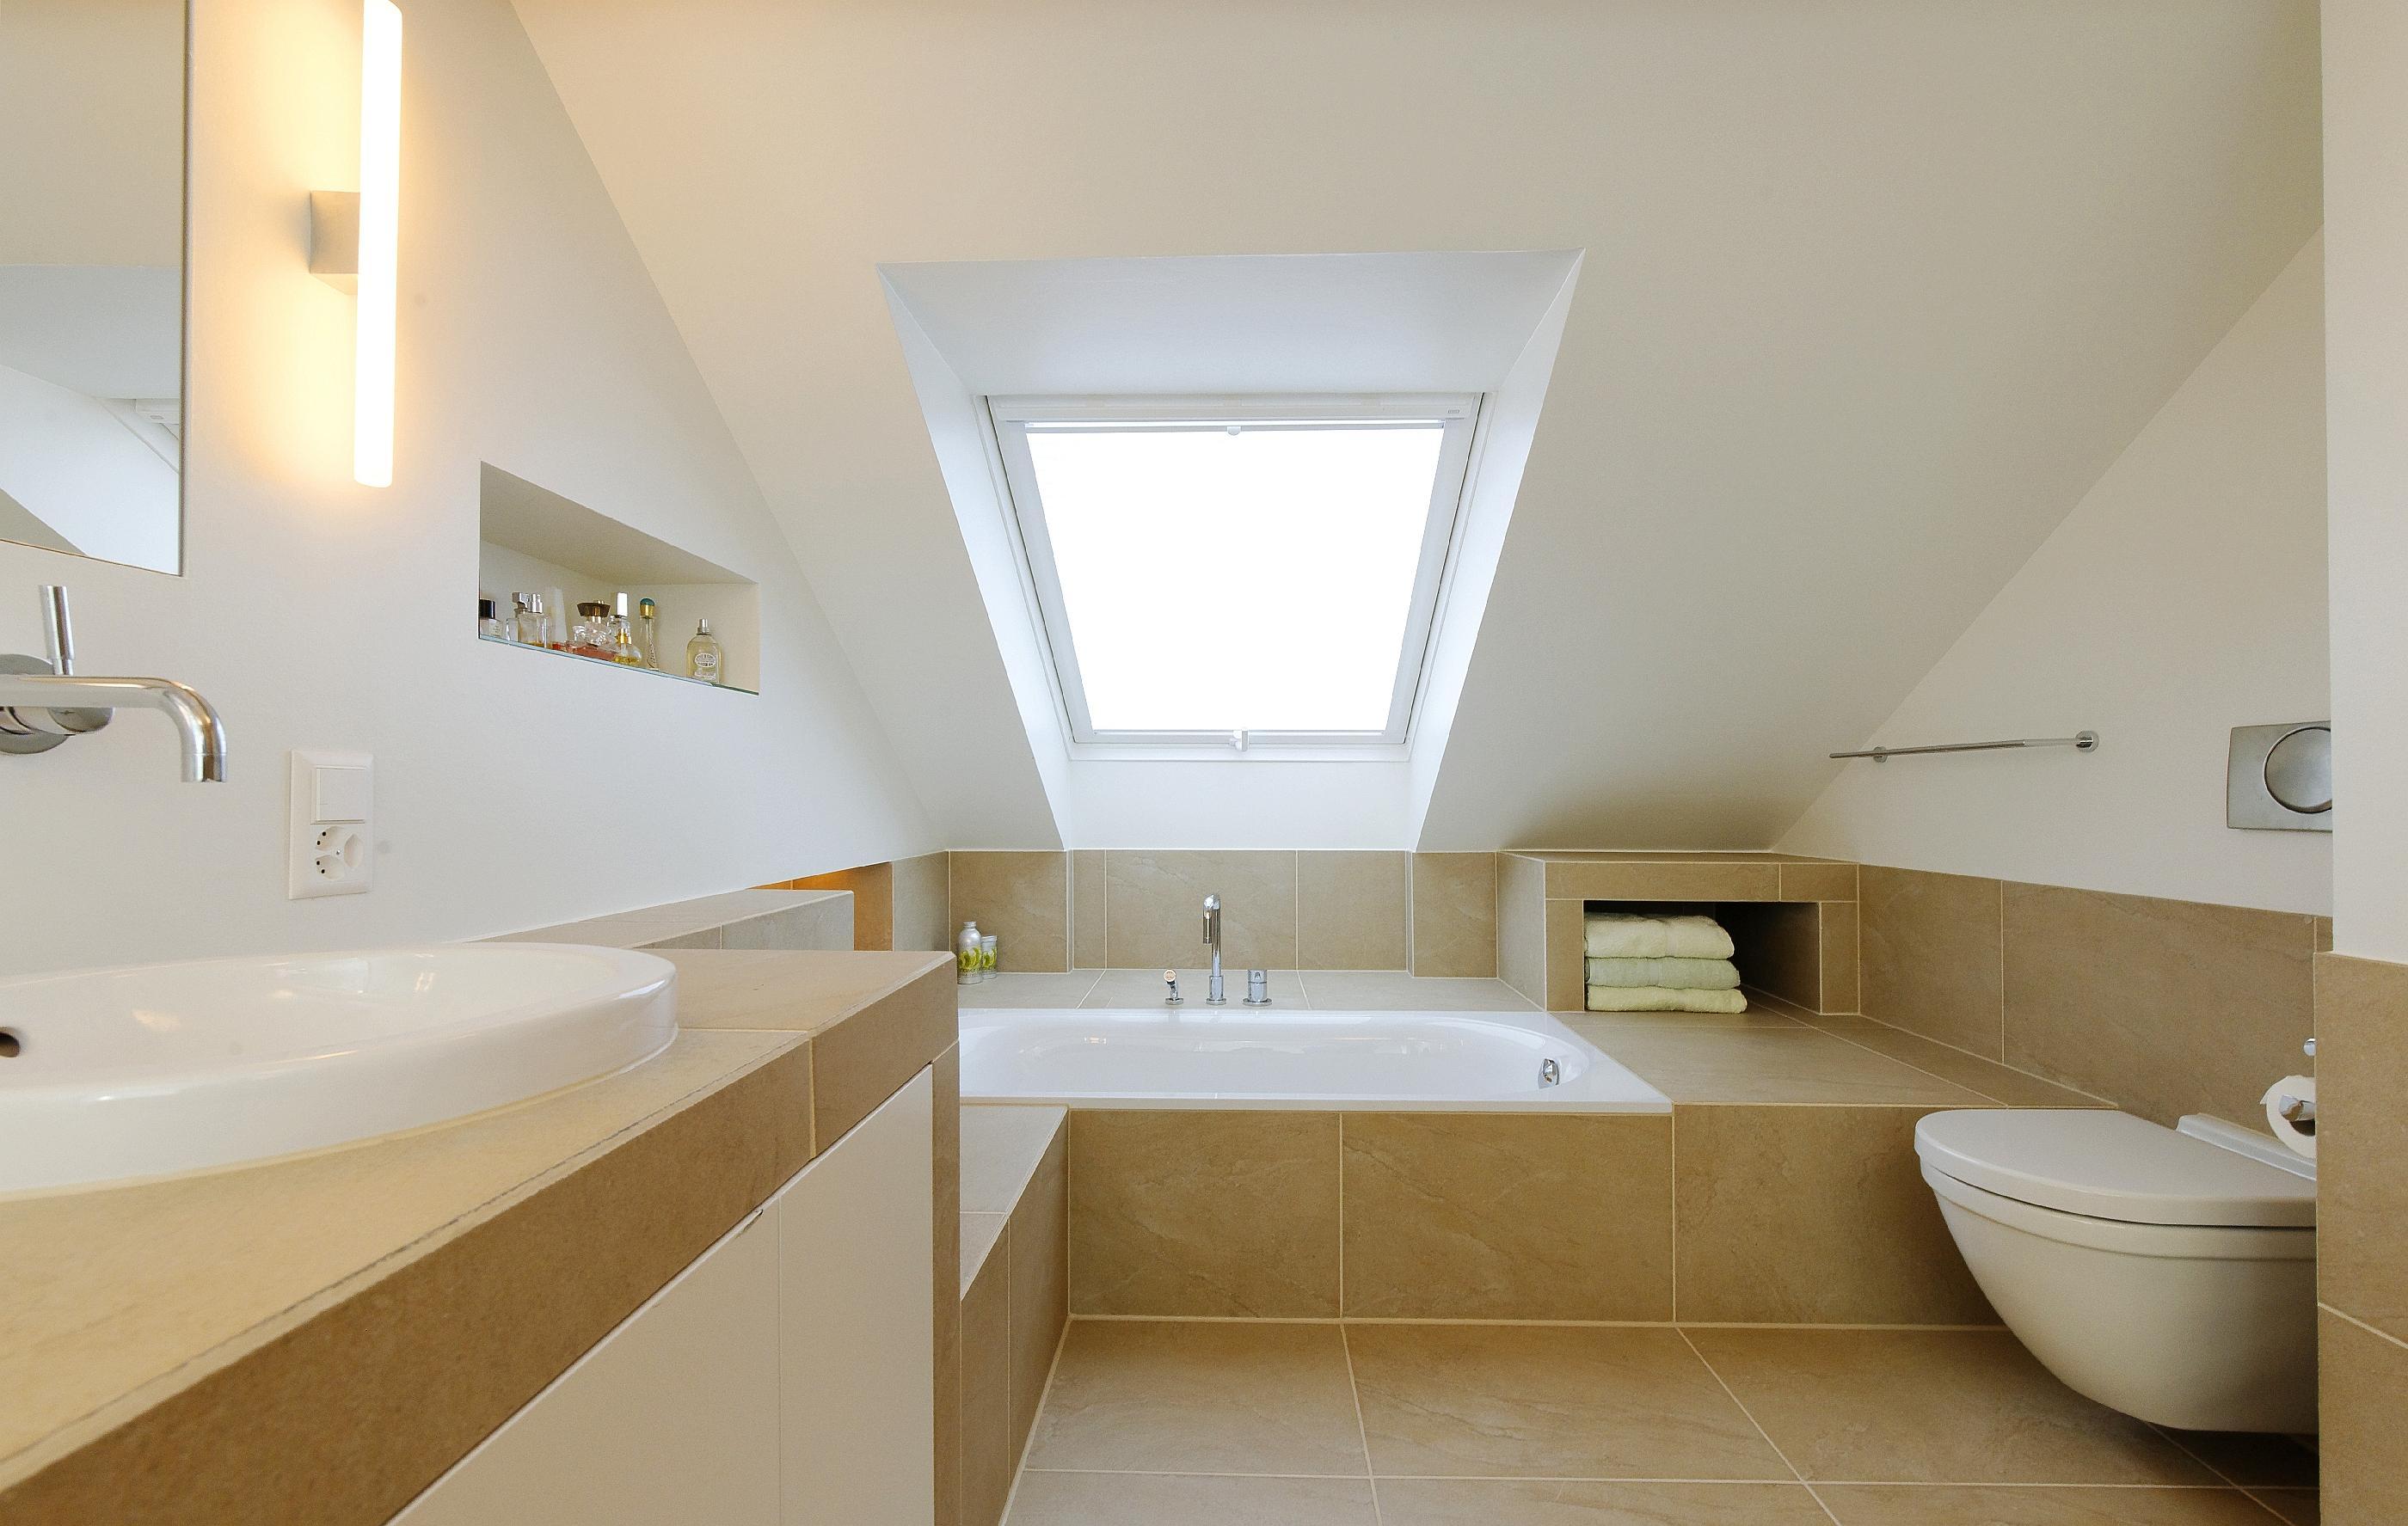 Badezimmer Umbau dachschrge dachfenster fliesen